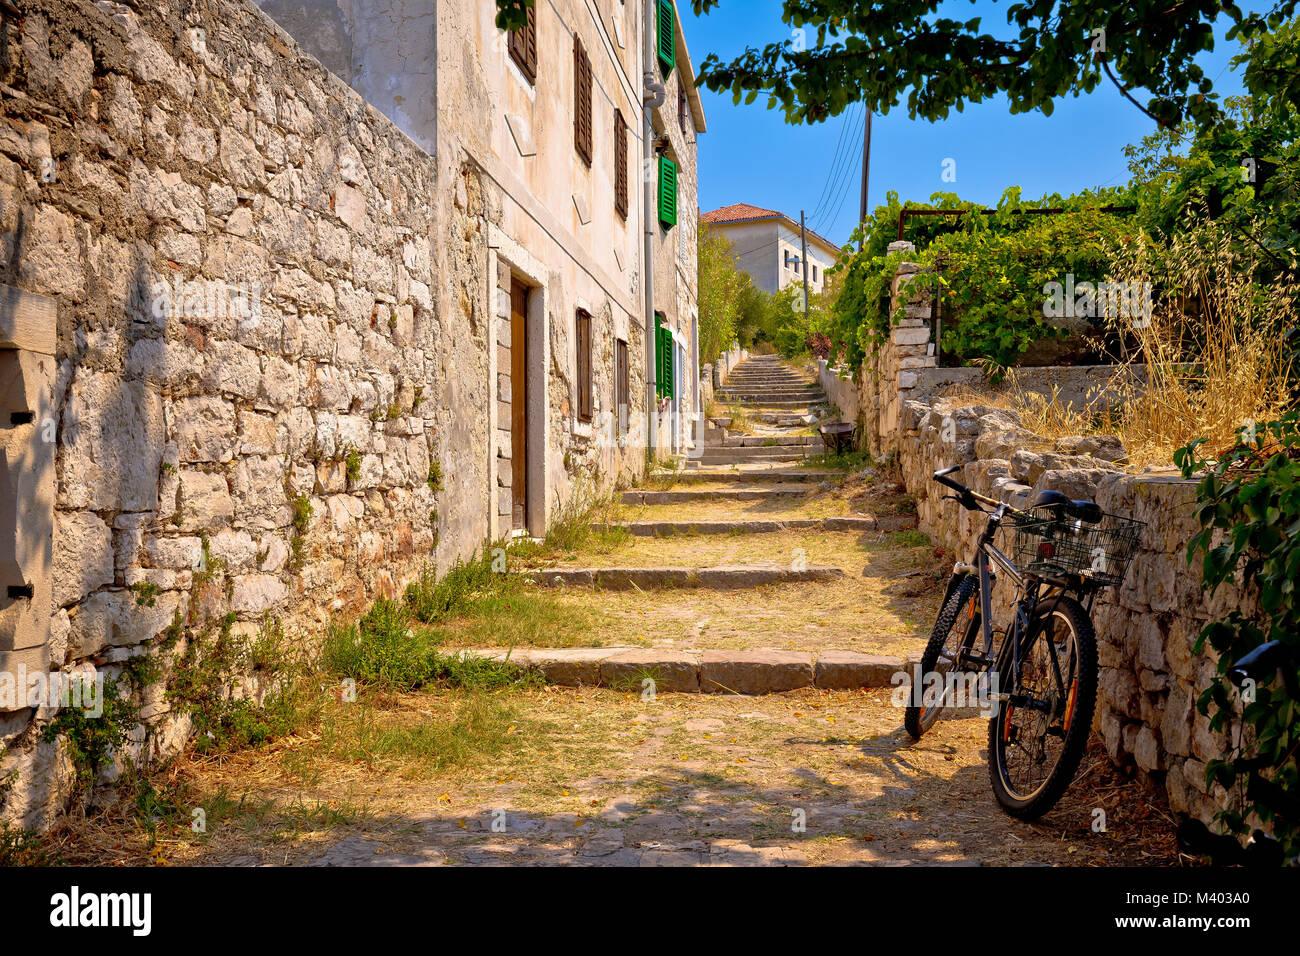 Old Stone village méditerranéen, passerelle sur l'île de Prvic région de Croatie, Dalmatie Photo Stock